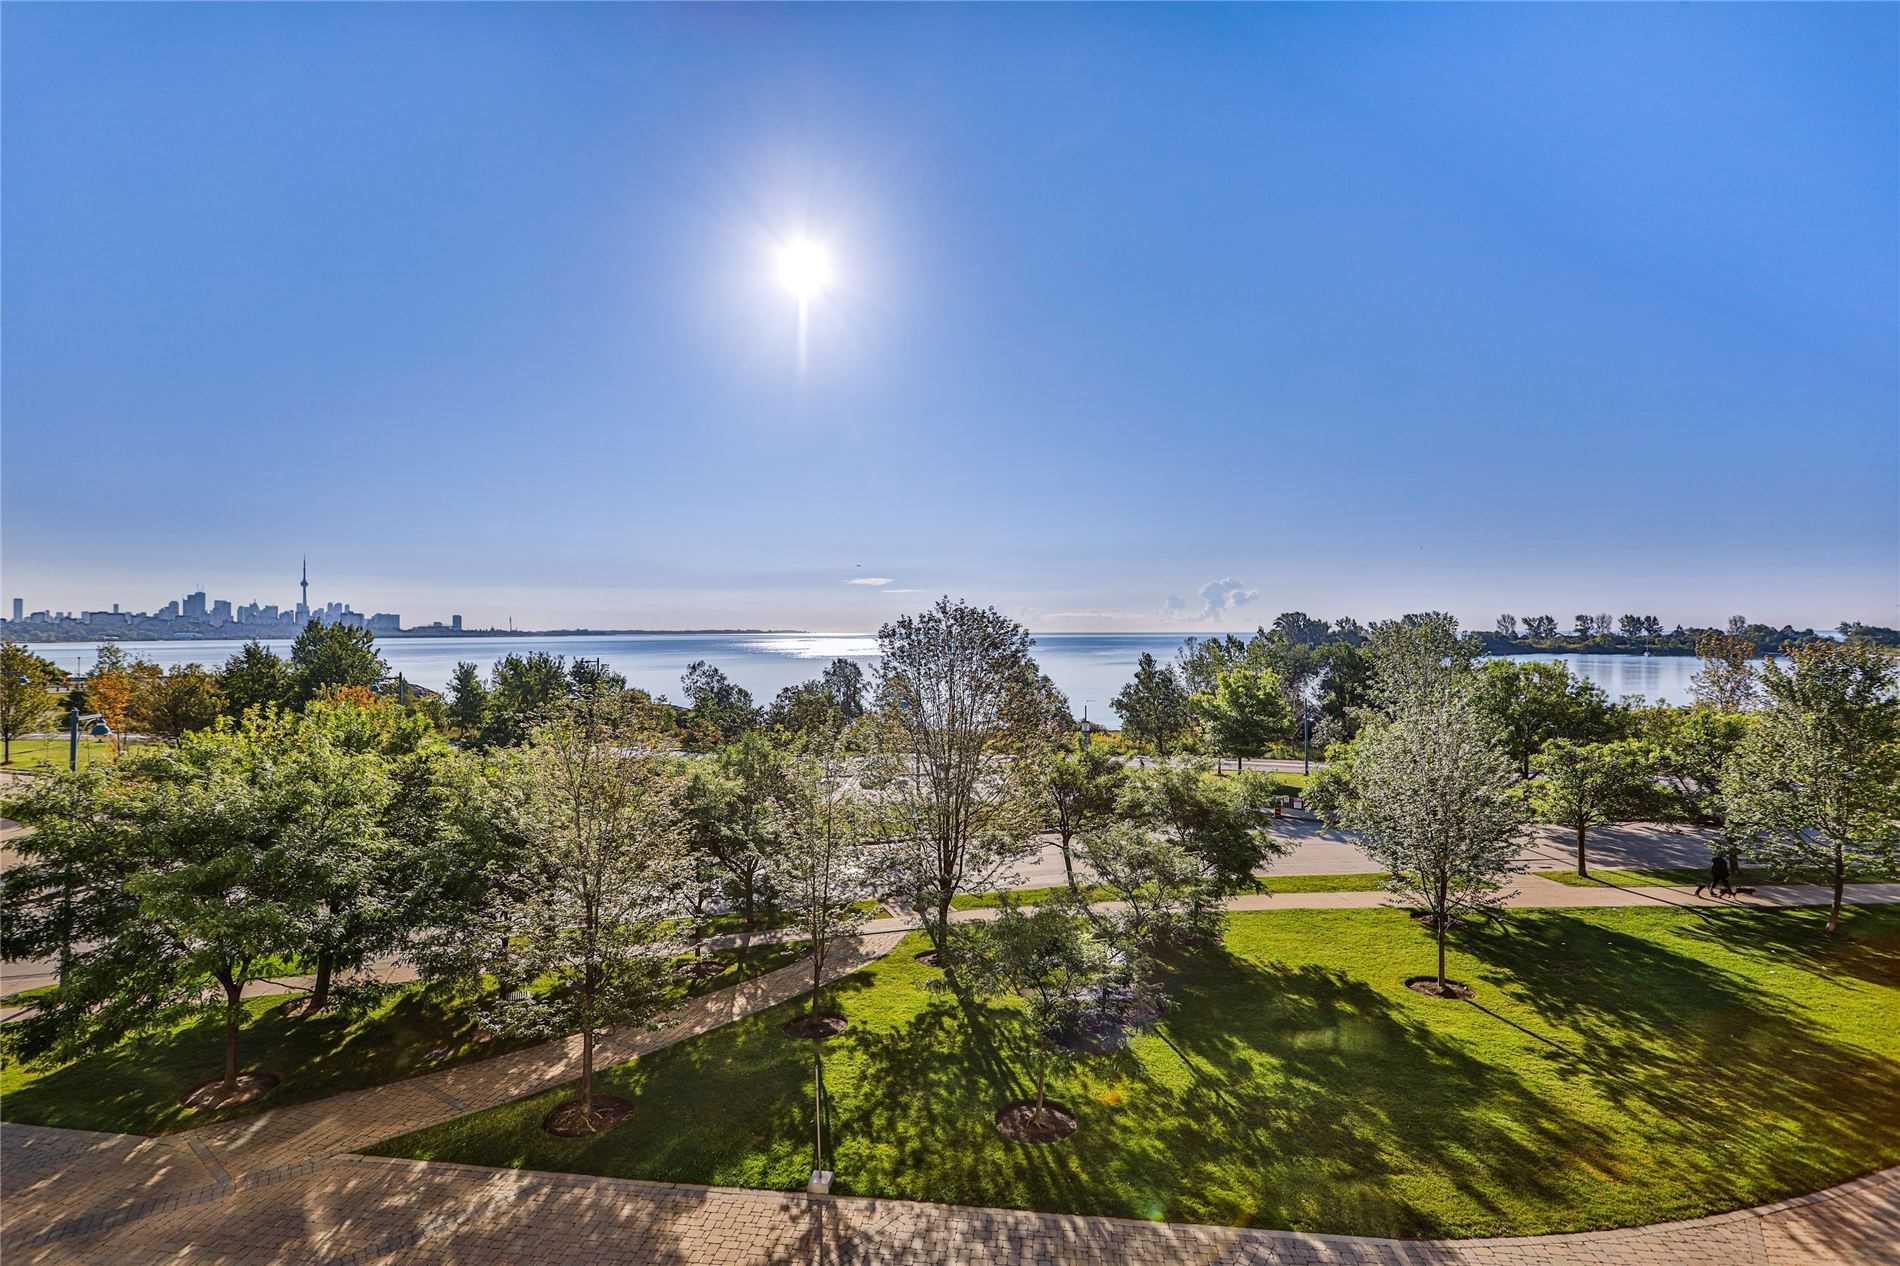 317 - 2095 Lake Shore Blvd W - Mimico Condo Apt for sale, 2 Bedrooms (W5369727) - #12